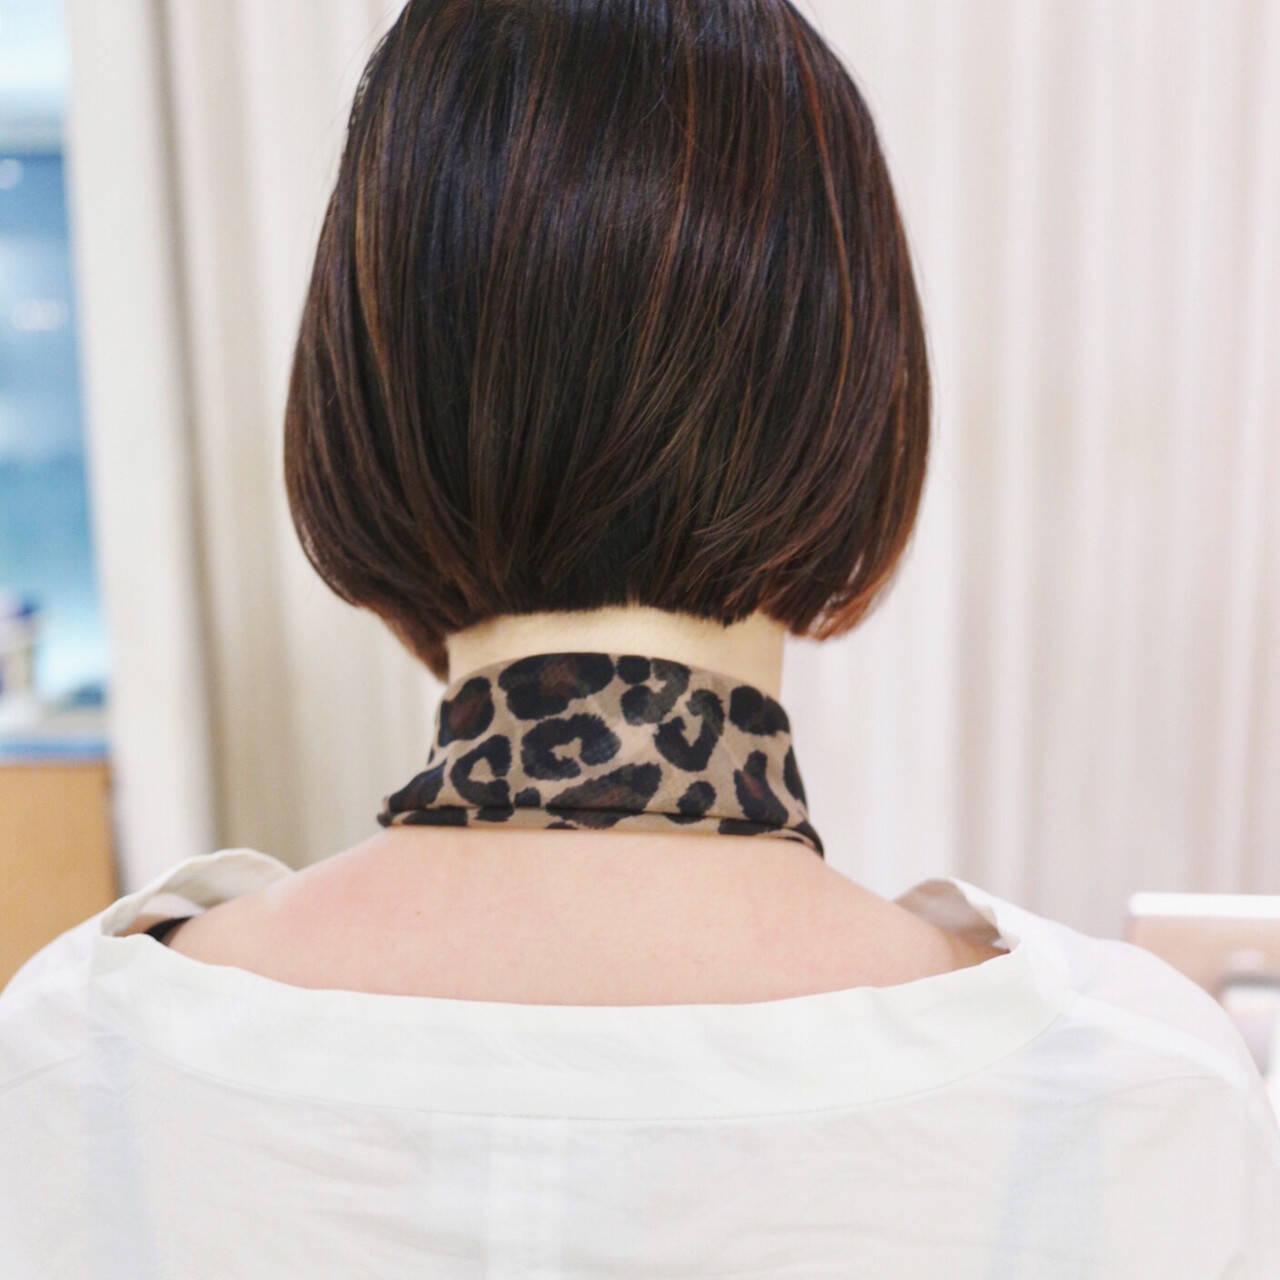 ハイライト ナチュラル ミニボブ 黒髪ヘアスタイルや髪型の写真・画像